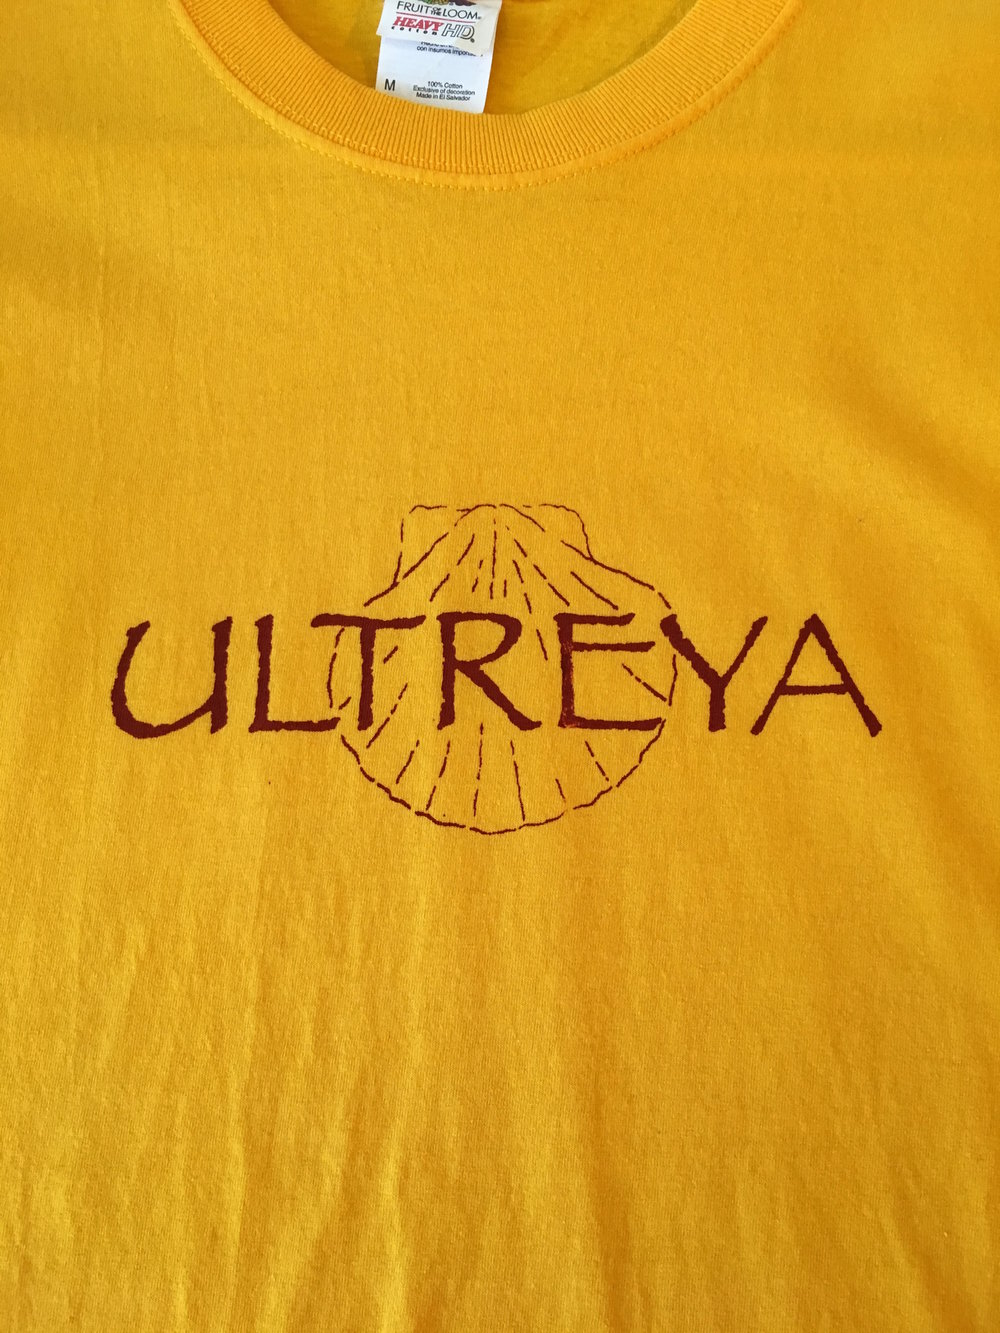 Ultreya